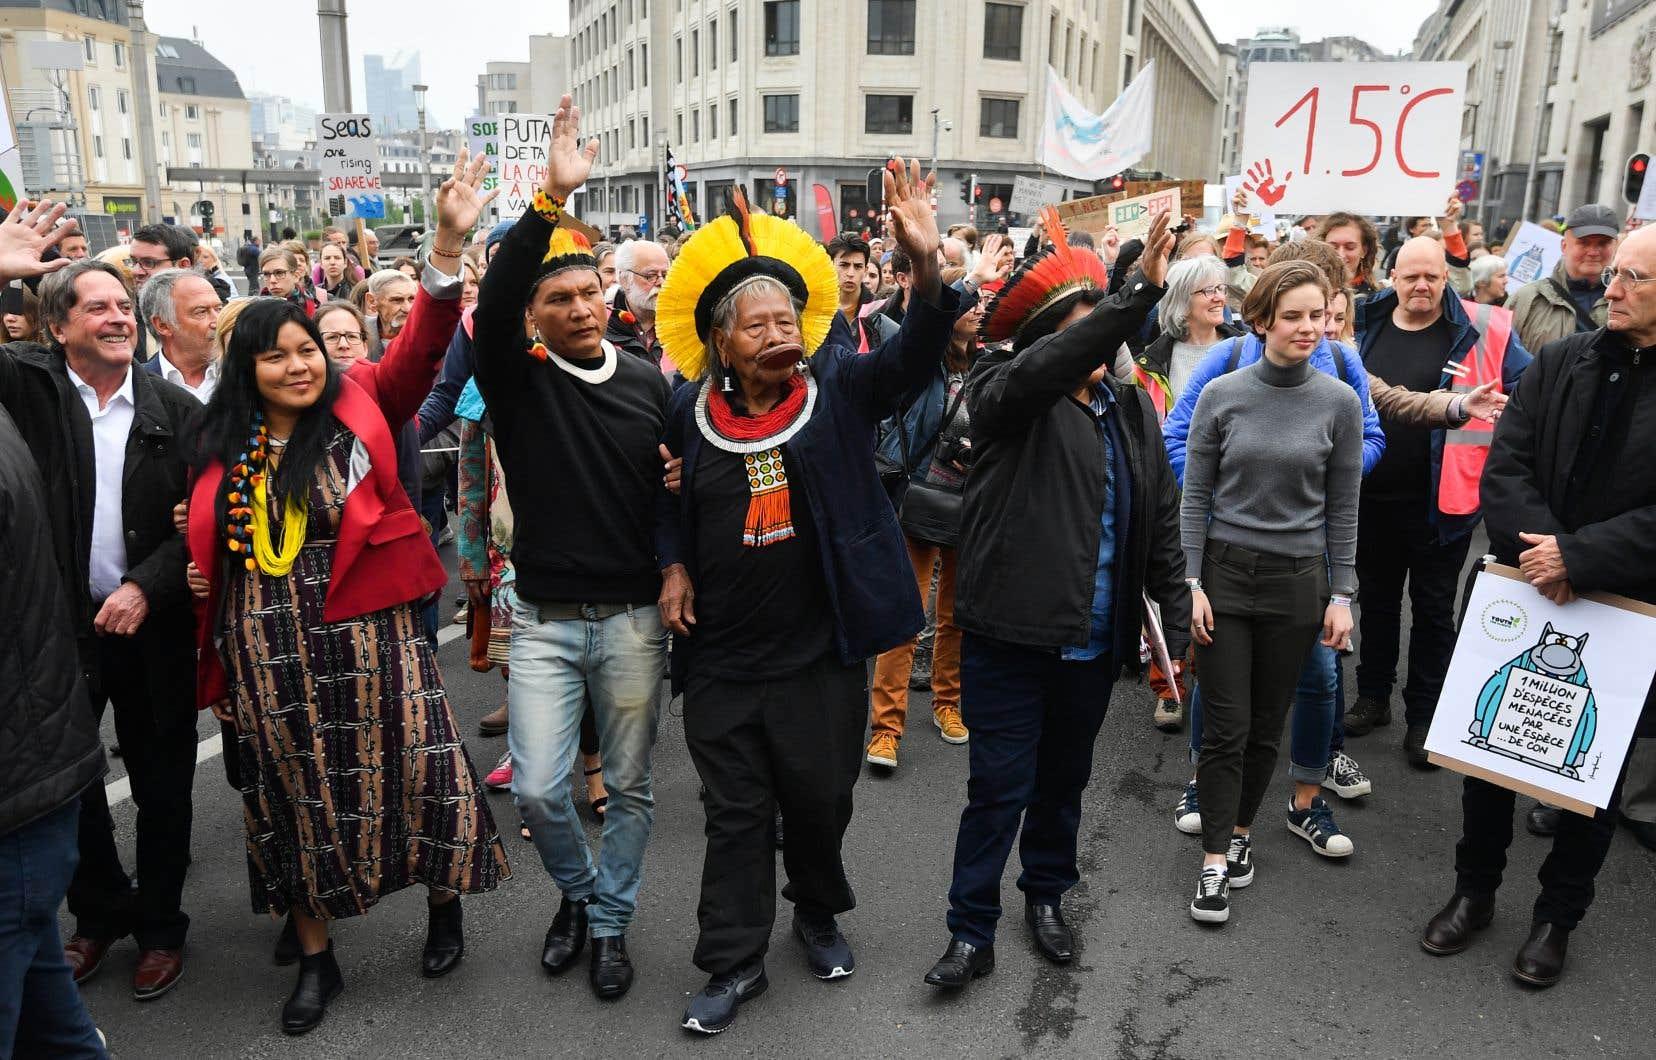 <p>Arrivé lundi du Brésil pour une tournée de trois semaines en Europe, Raoni Metuktire a défilé avec les jeunes belges qui manifestent chaque semaine depuis cinq mois pour sommer les politiques d'agir contre le réchauffement climatique.</p>